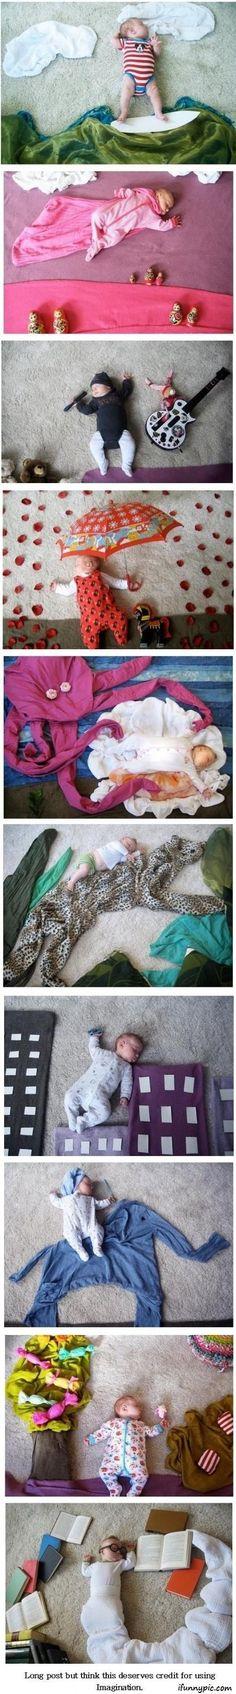 top ten baby pictures